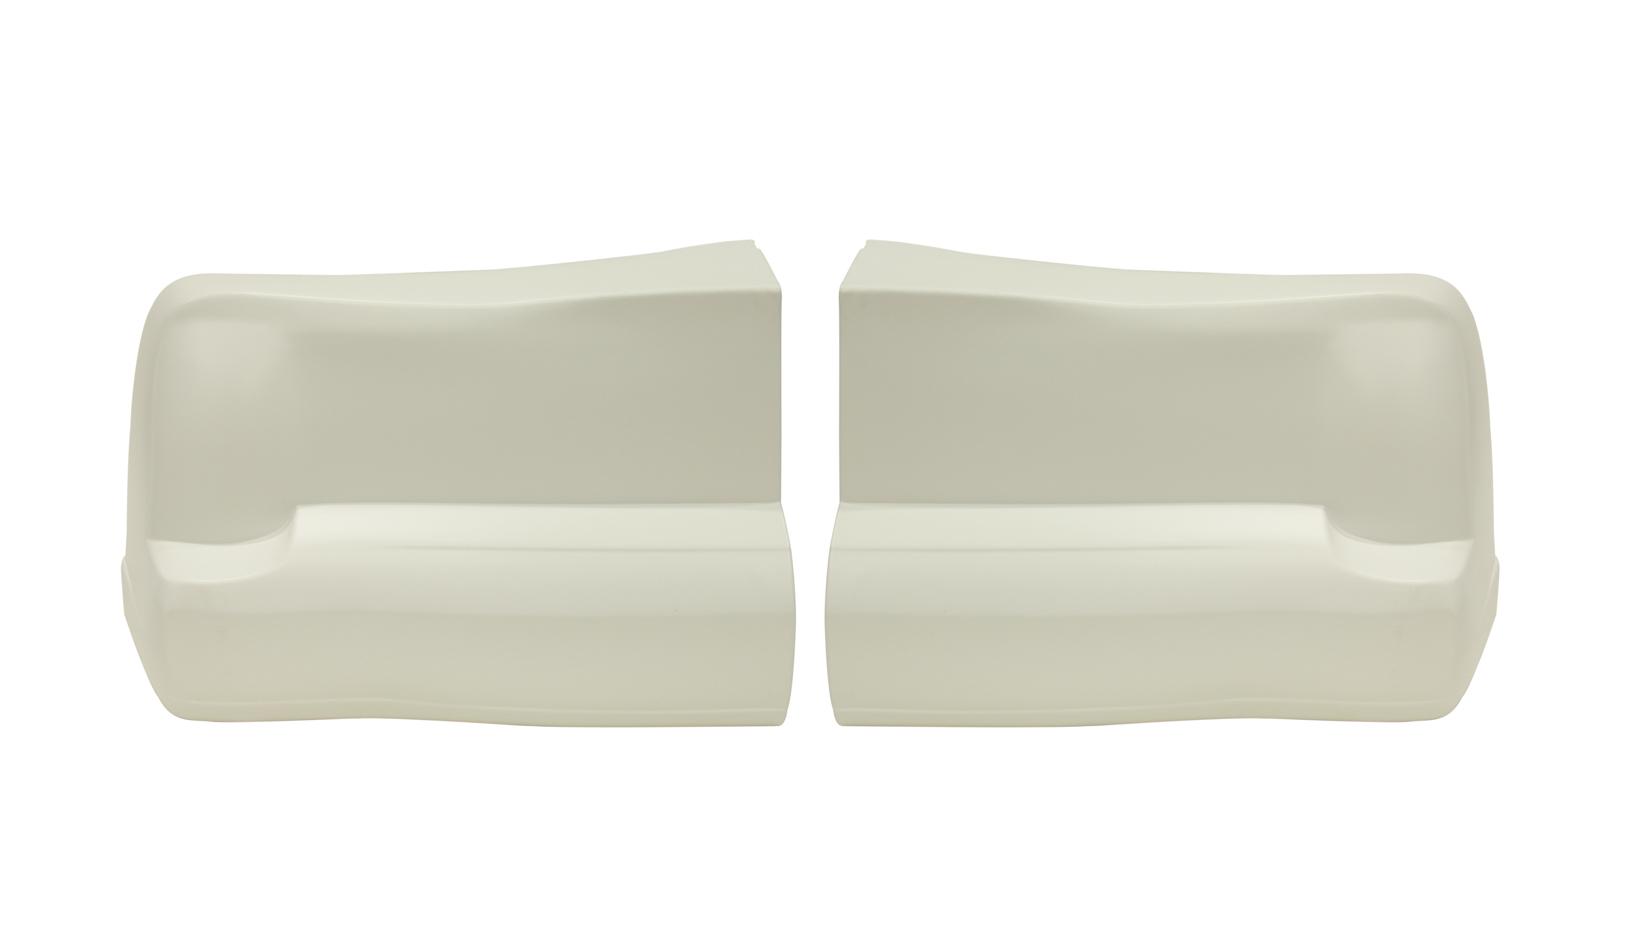 Fivestar 00 Monte Carlo Bumper Cover White Plastic